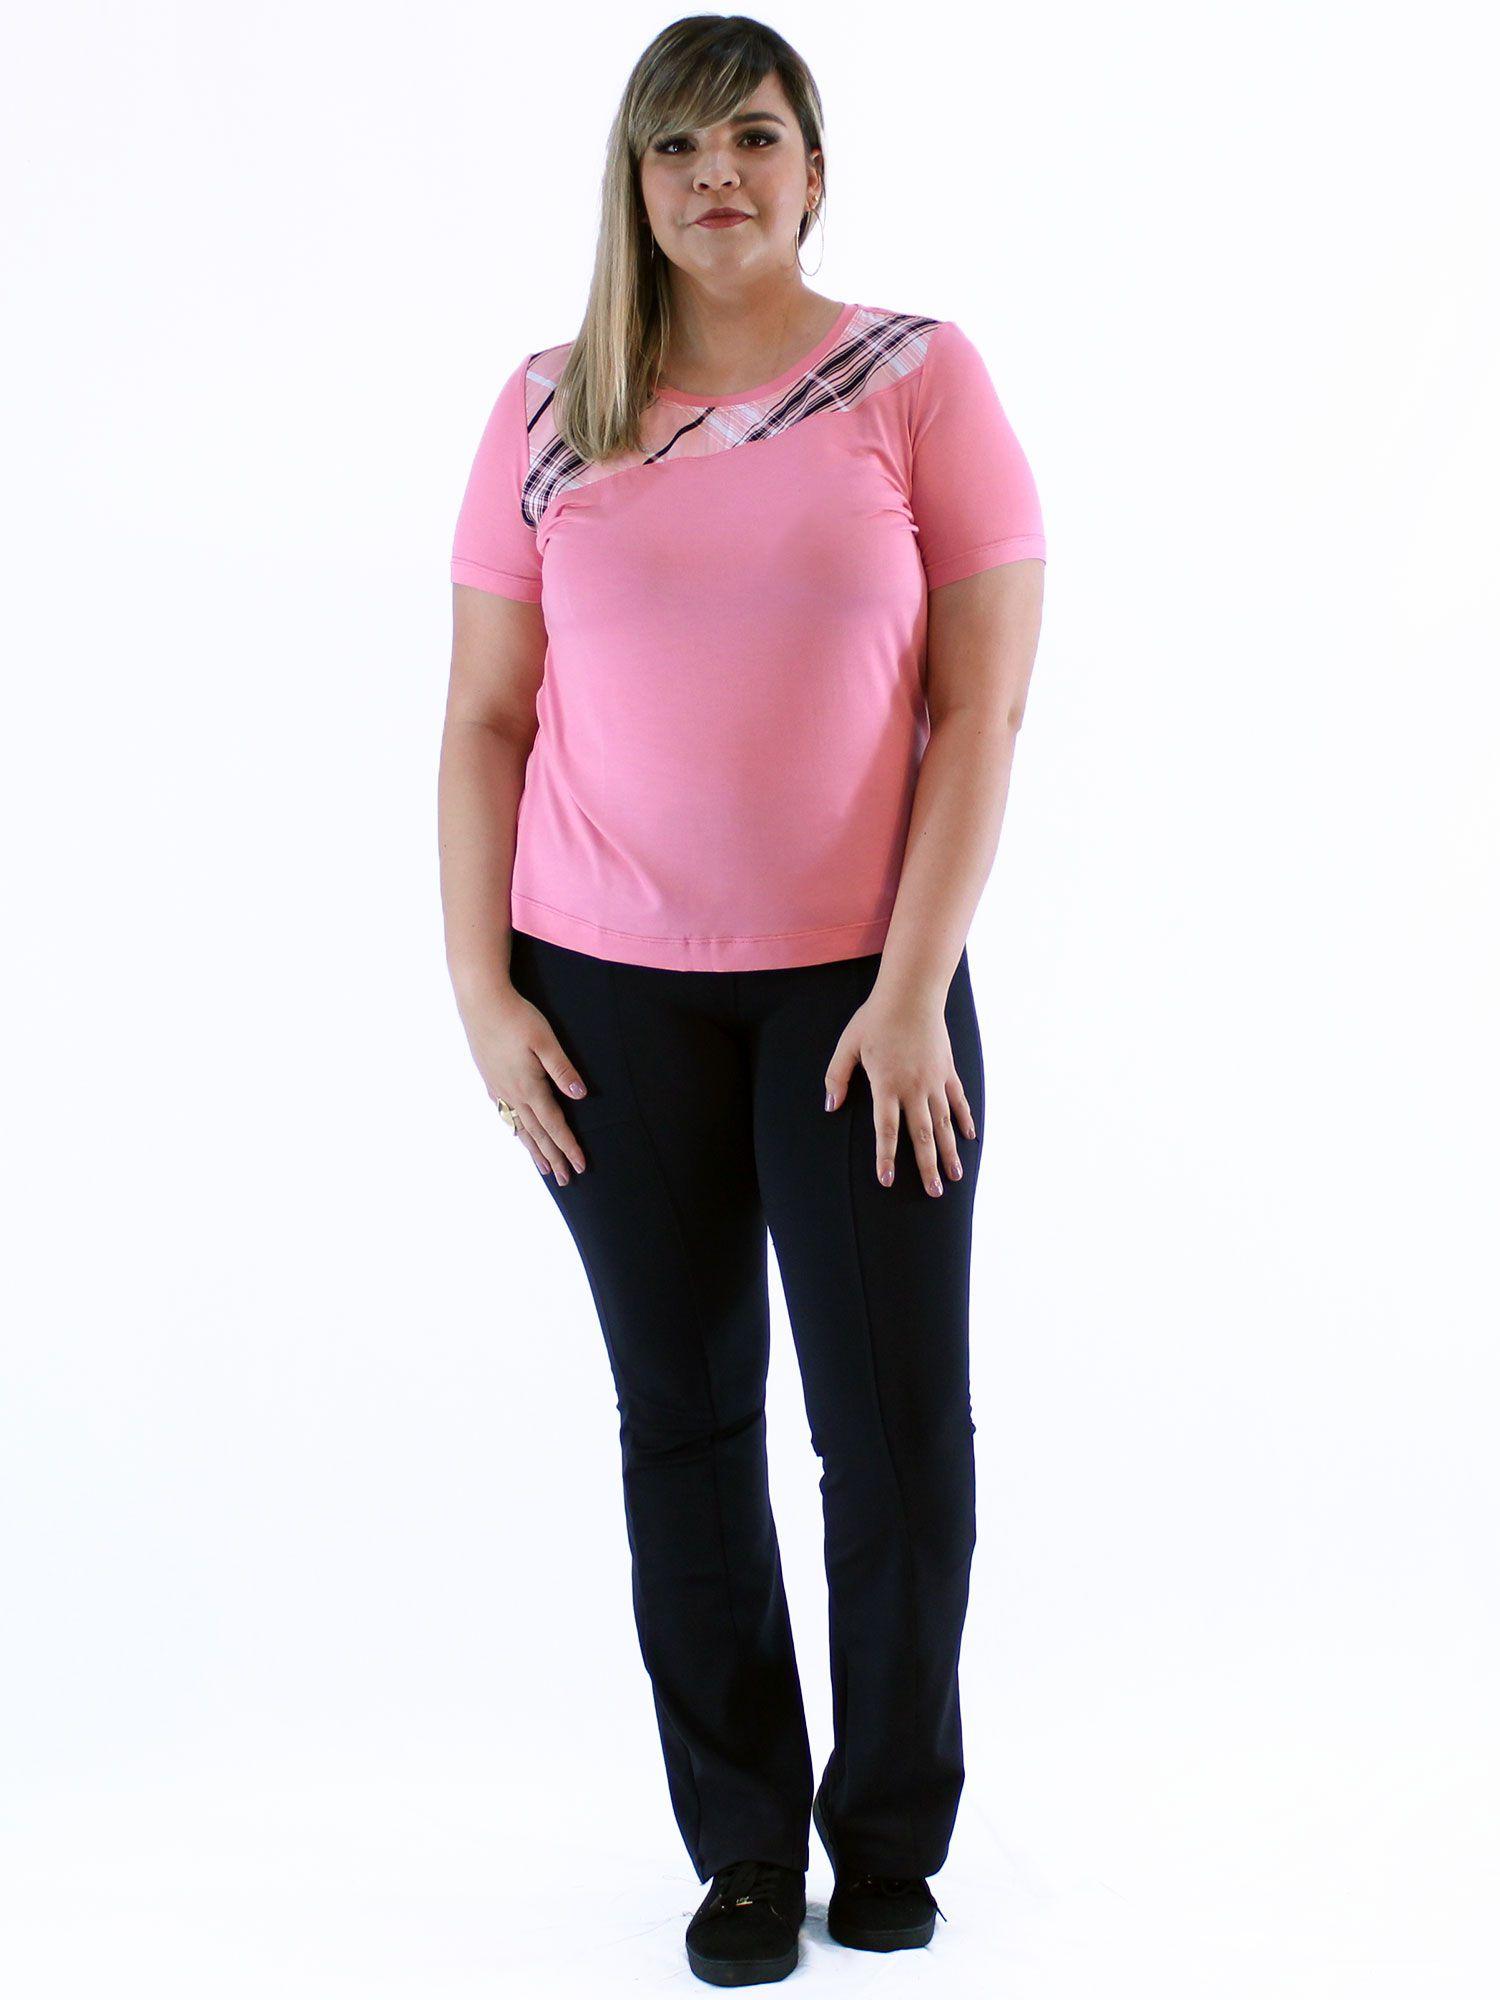 Blusa Plus Size KTS com Pala Contraste Rosa